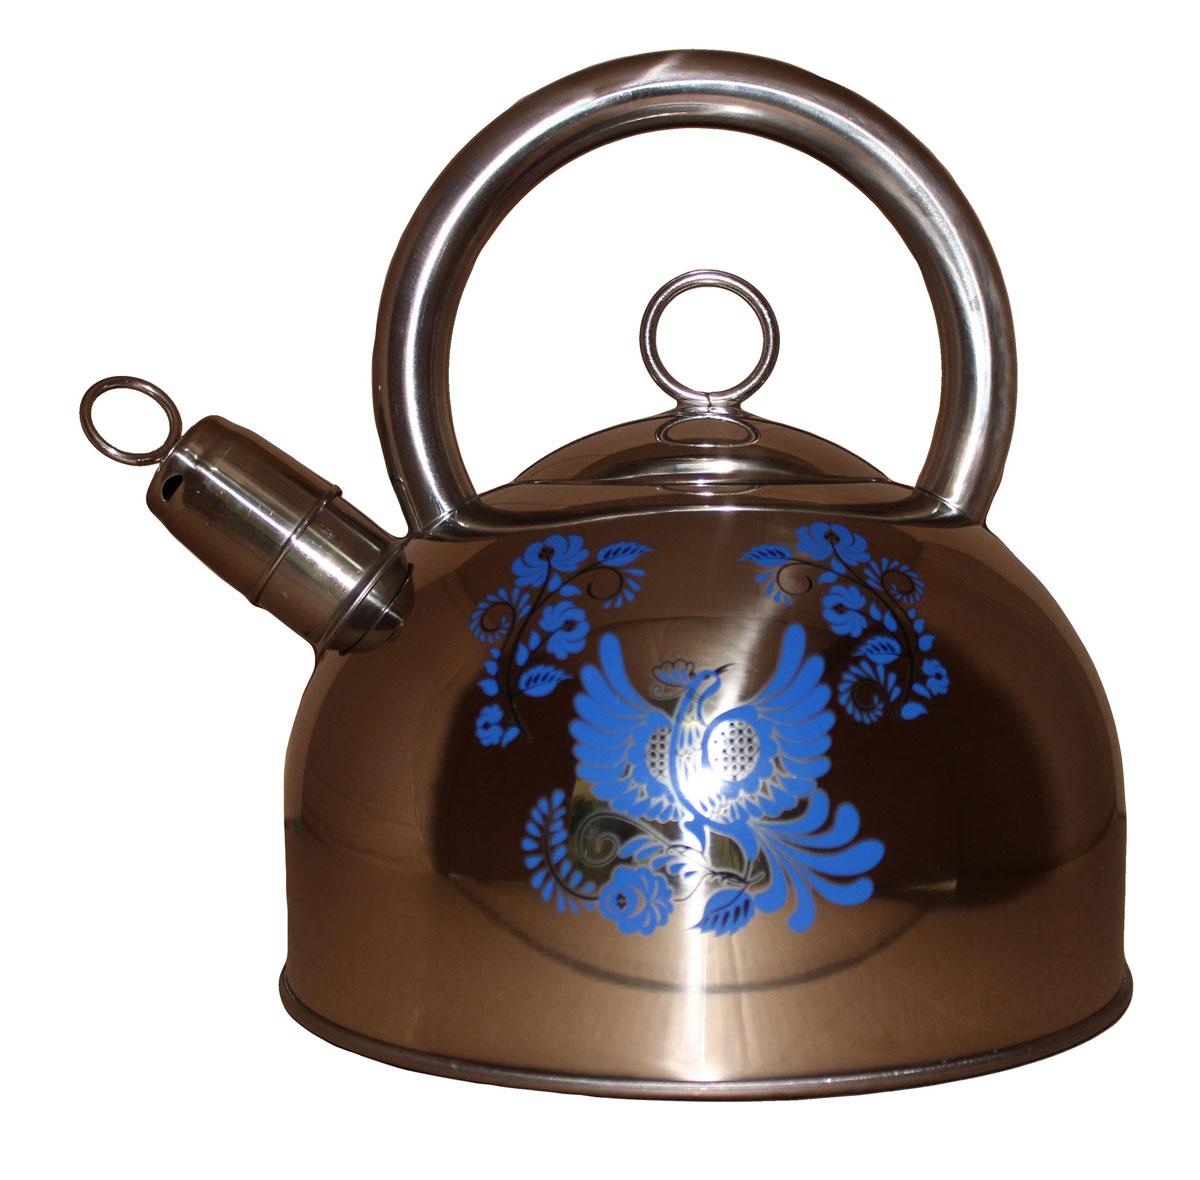 Чайник Vetta Гжель, 2,5 л115510Чайник Vetta Гжель изготовлен из нержавеющей стали. Имеет свисток, который сообщит о закипании воды. Отлично подходит для индукционных варочных поверхностей.